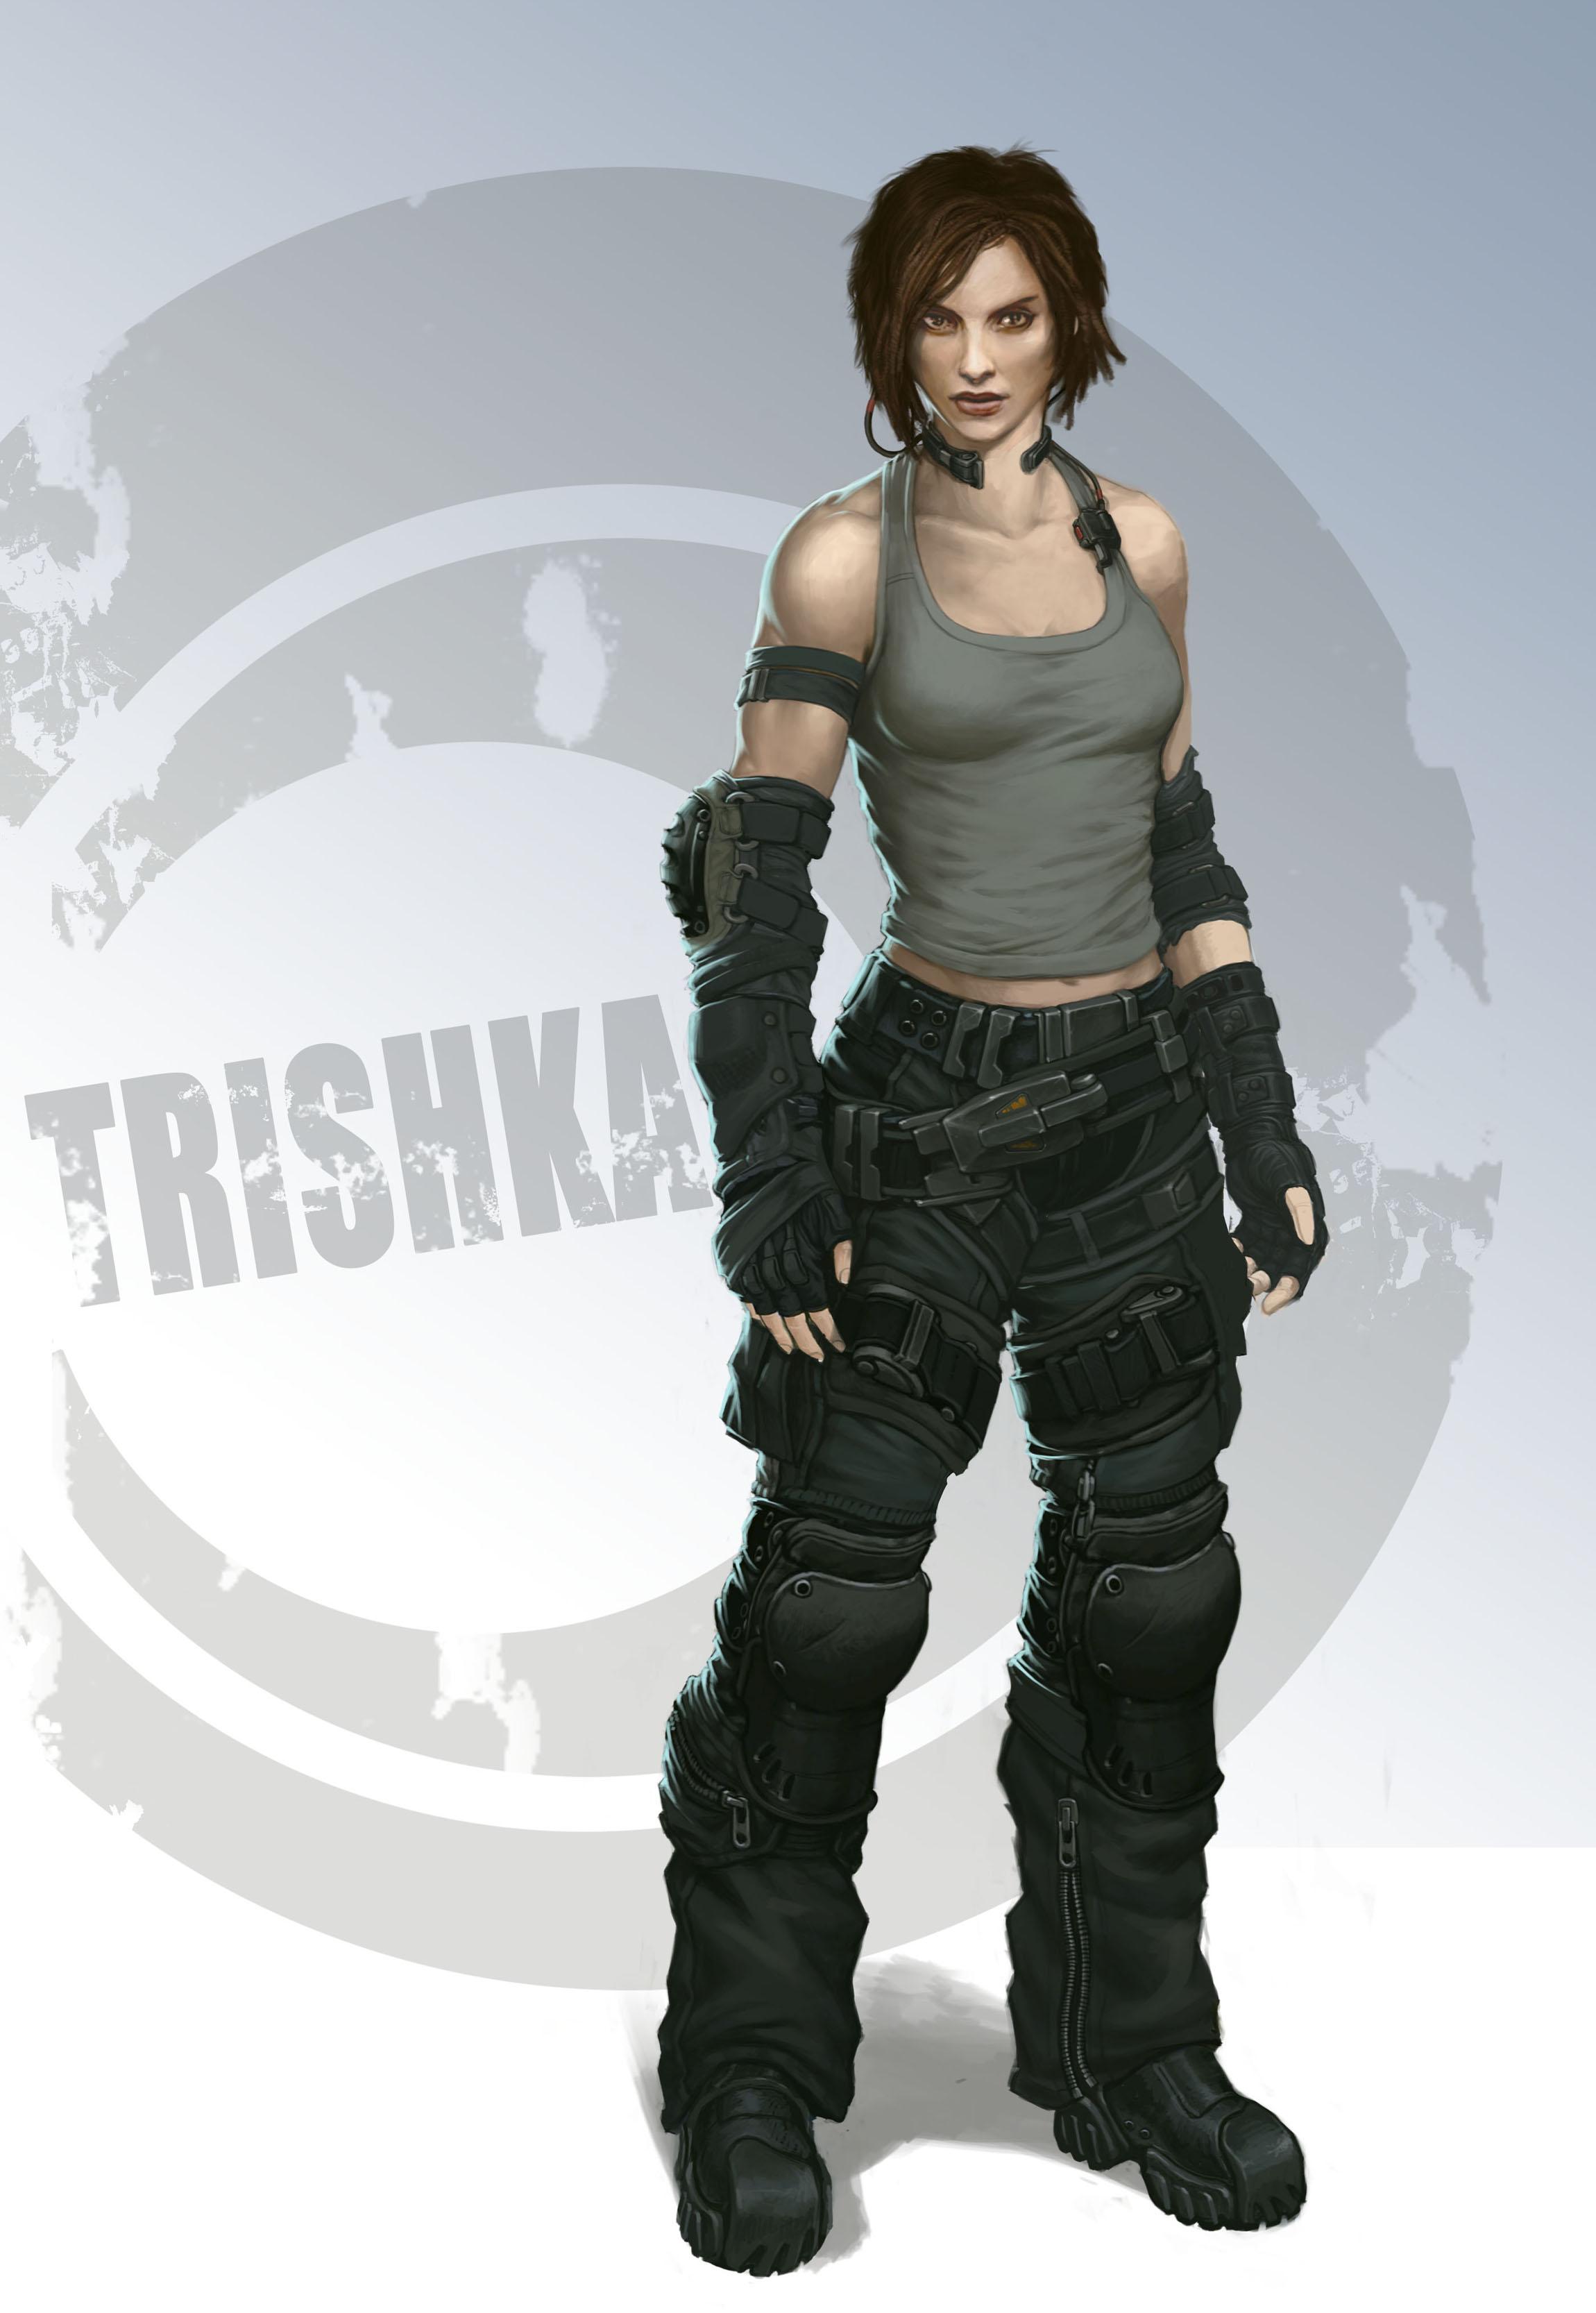 Trishka